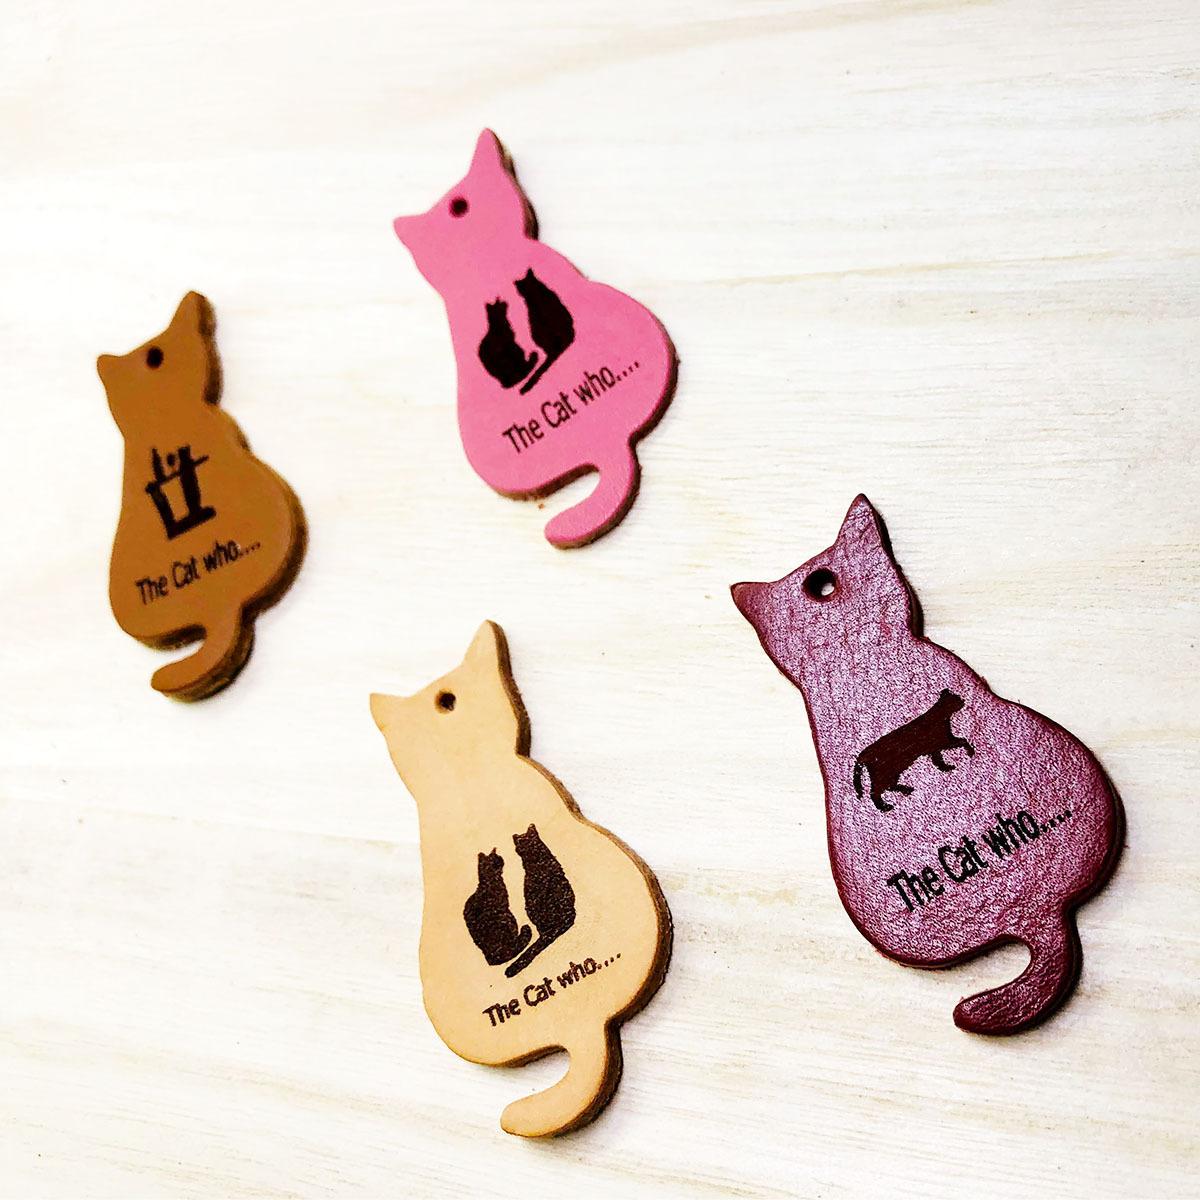 【選べるデザイン】黒猫シルエット  本革携帯ストラップ (ワインレッド 長さ56x幅30x厚さ3ミリ)1本 (ザ キャット フー 猫 ねこ 名入れ可能商品 贈り物 プレゼント ギフト GIFT)